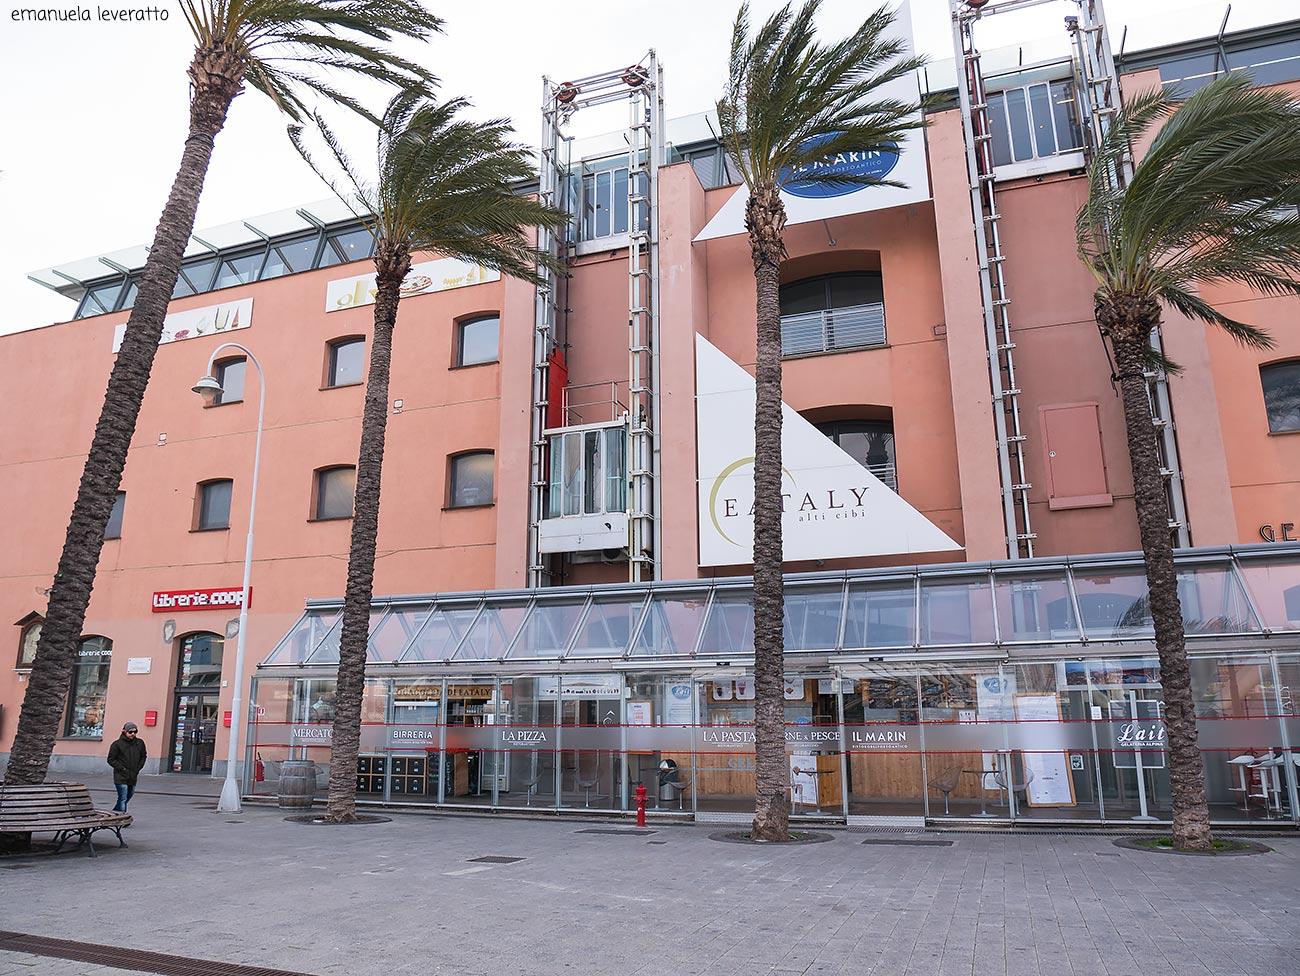 Eataly-Genova porto antico di Genova